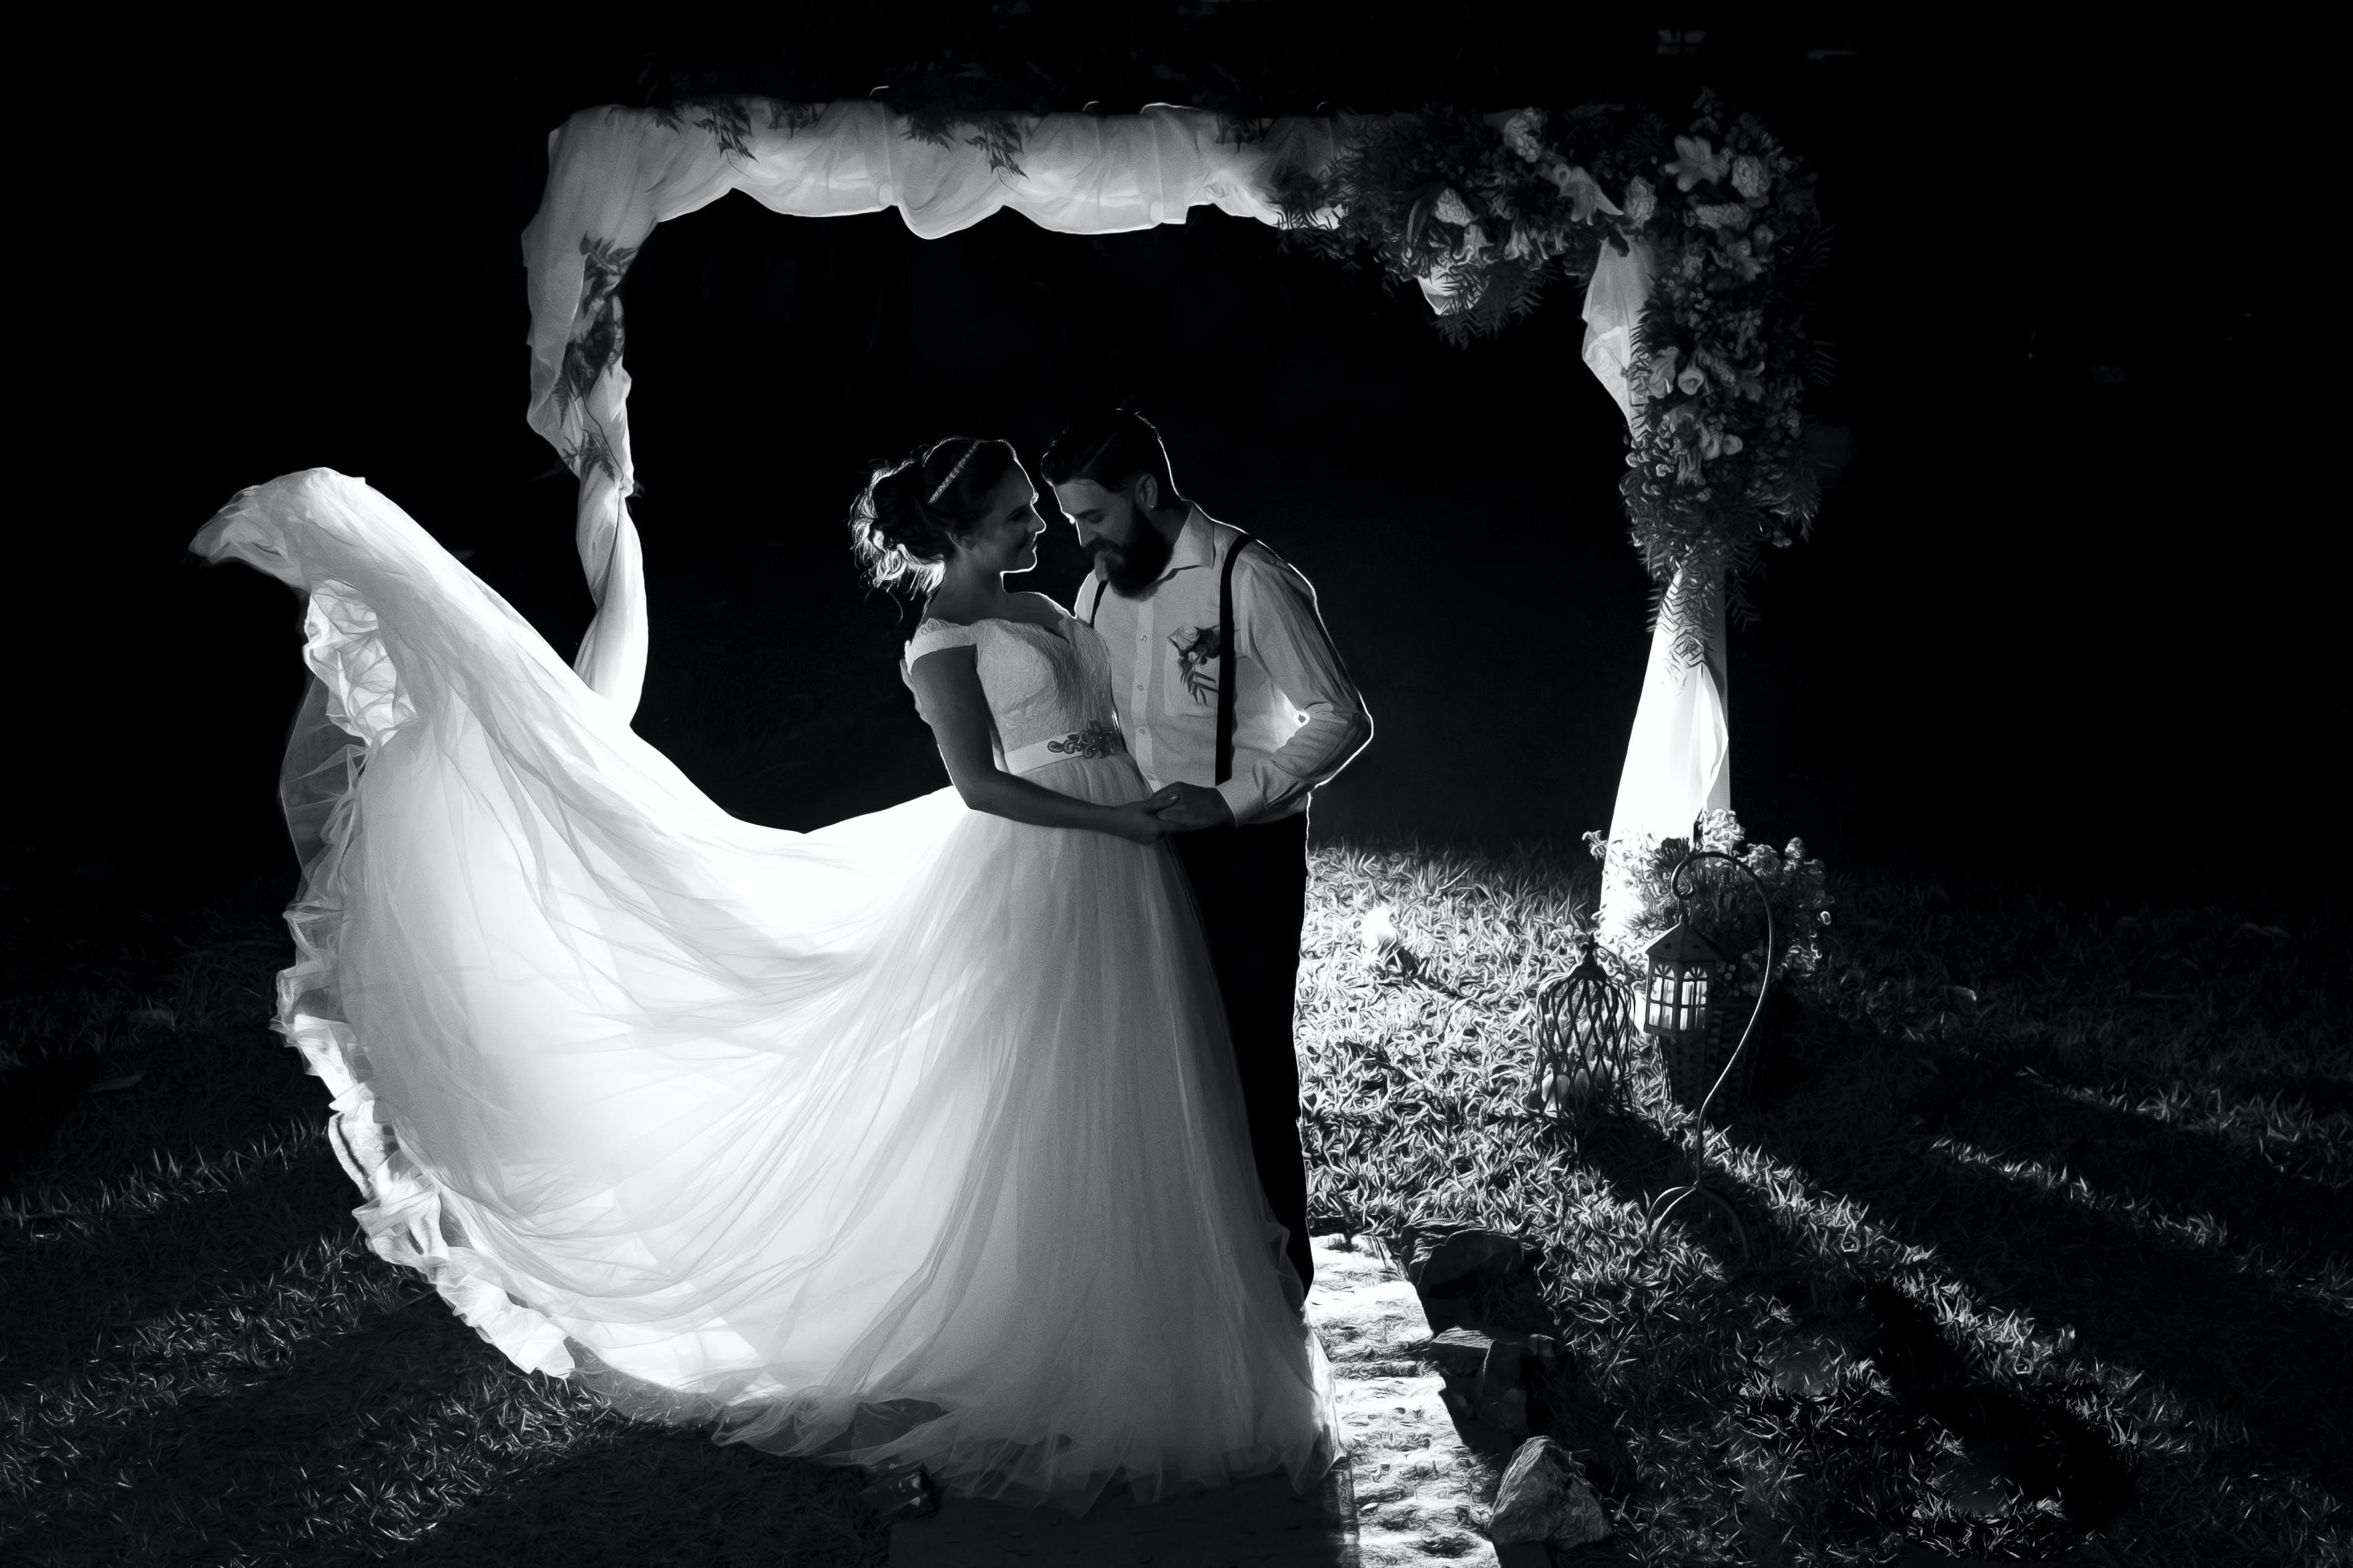 Kostenloses Stock Foto zu braut und bräutigam, bräutigam, draußen, dunkel